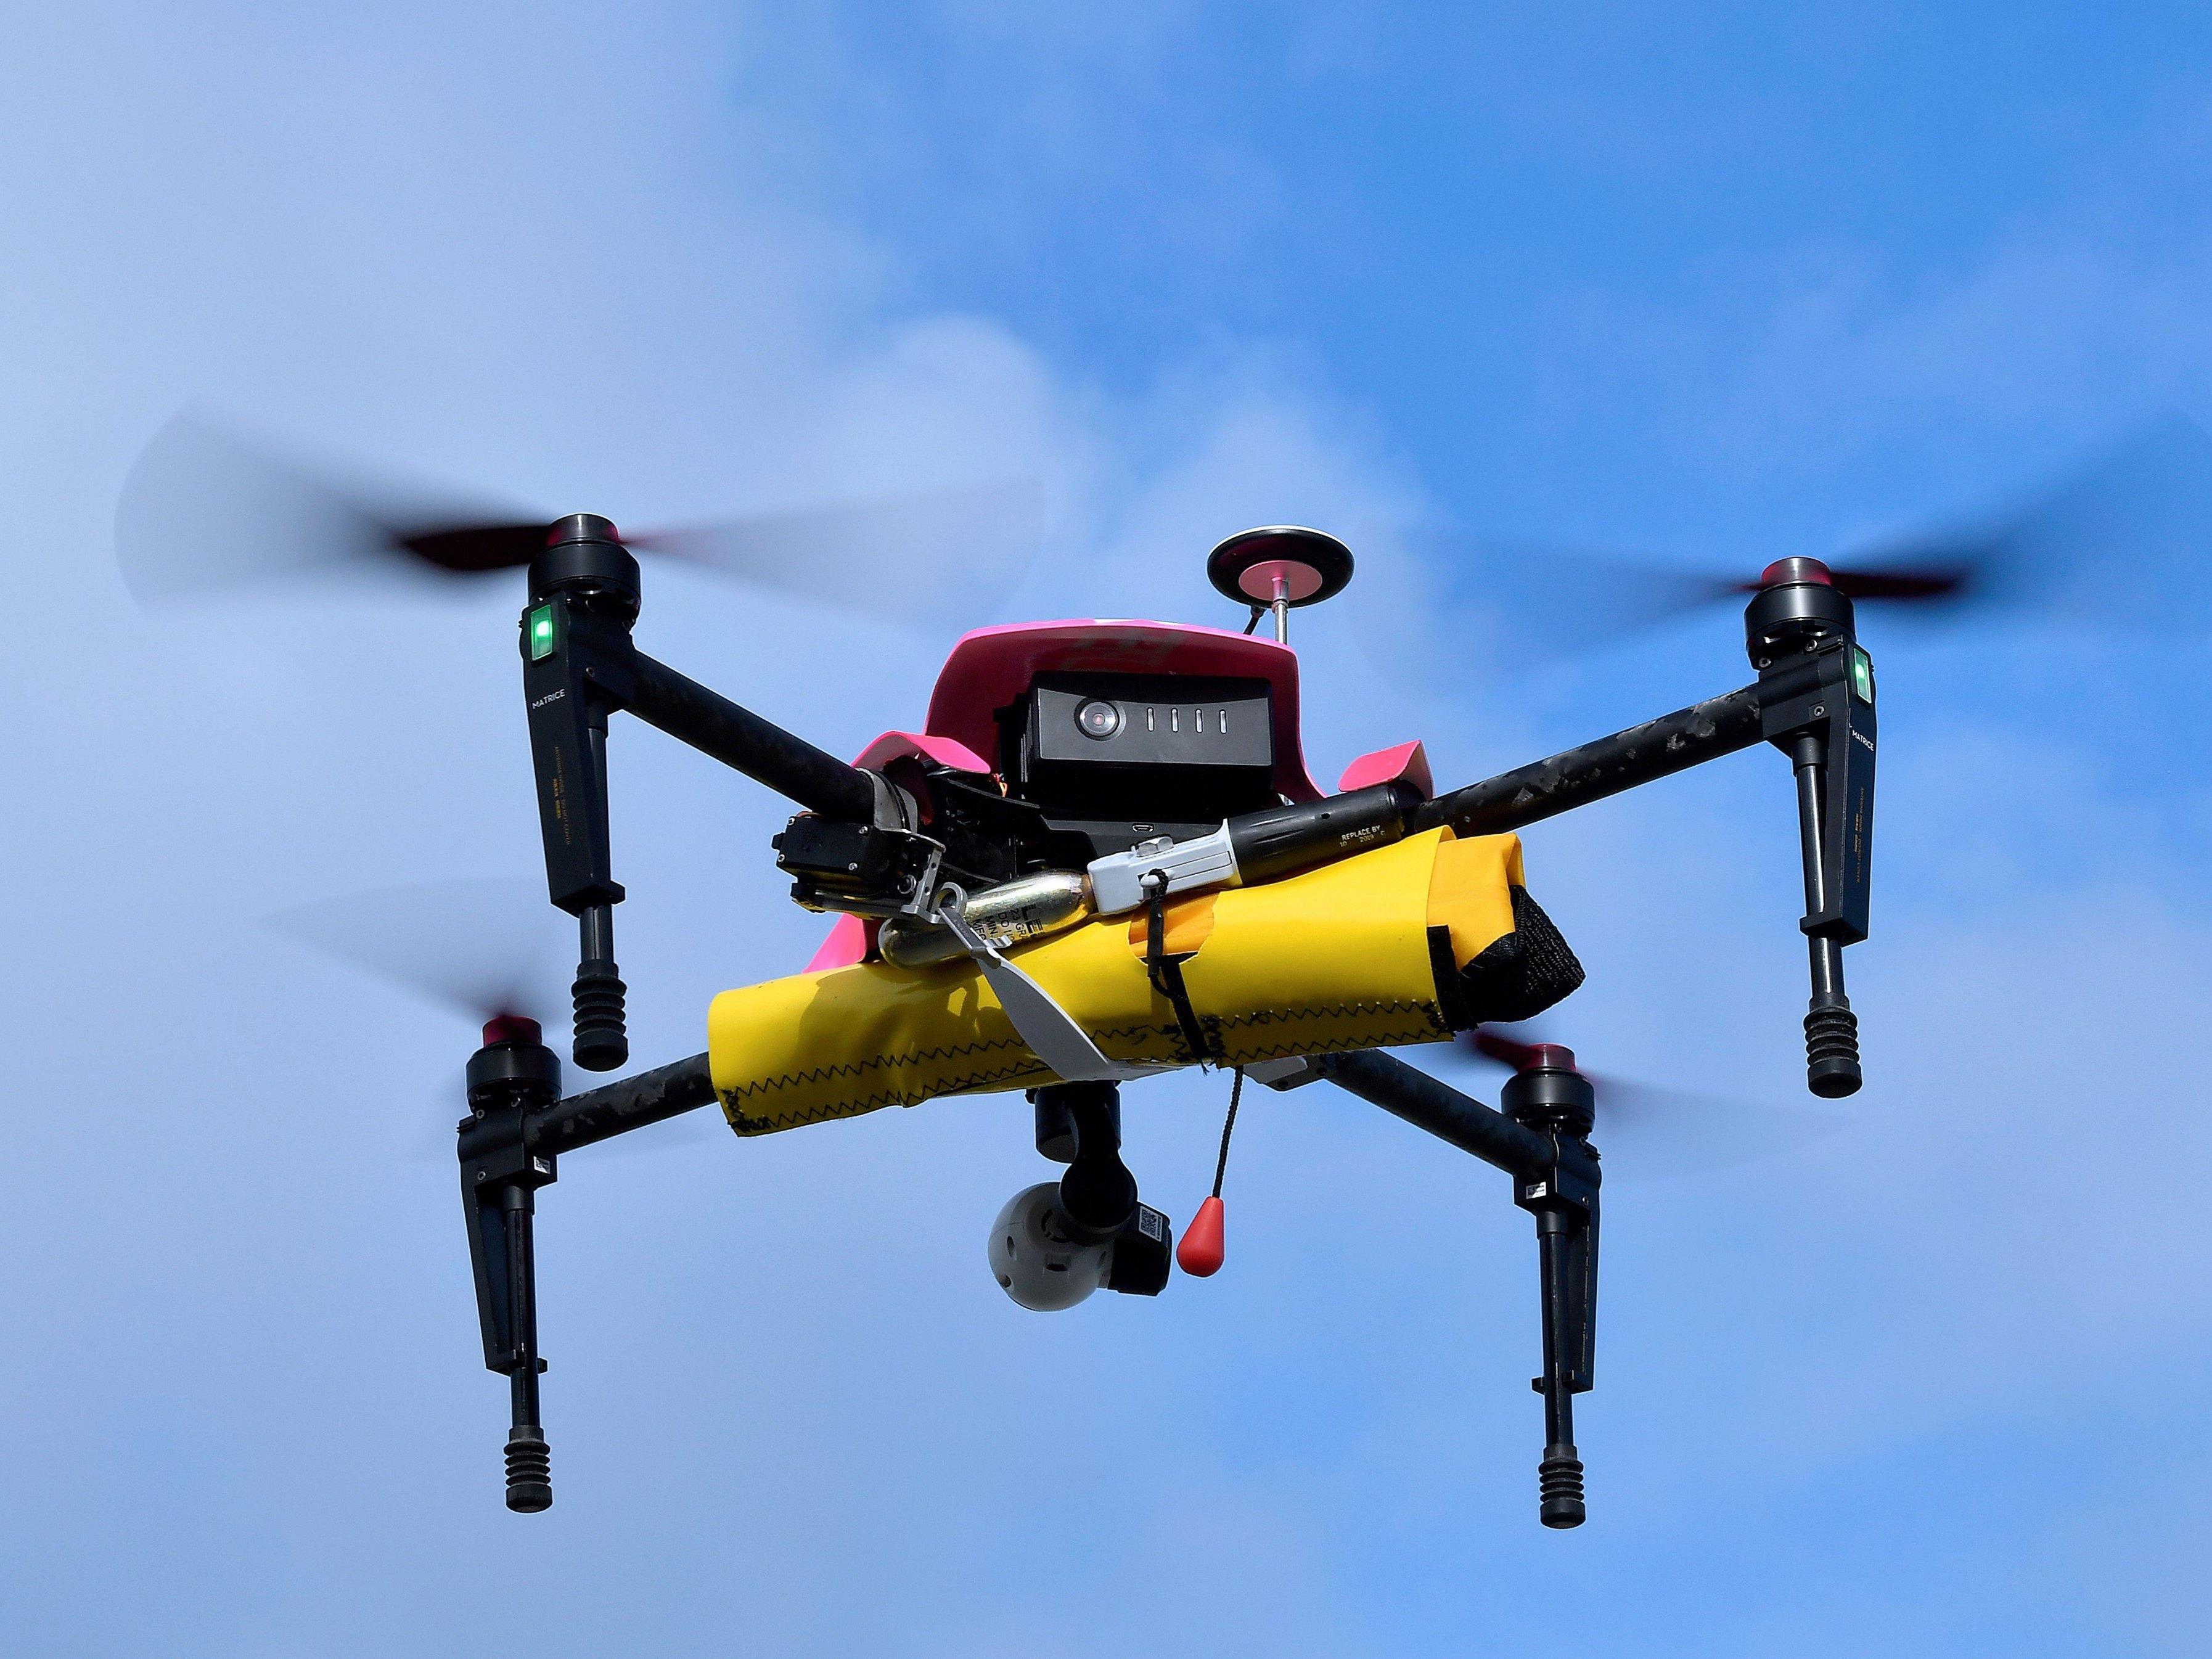 Mit Kamera-Drohnen eröffnen sich völlig neue Blickwinkel auf die Welt (Symbolbild).